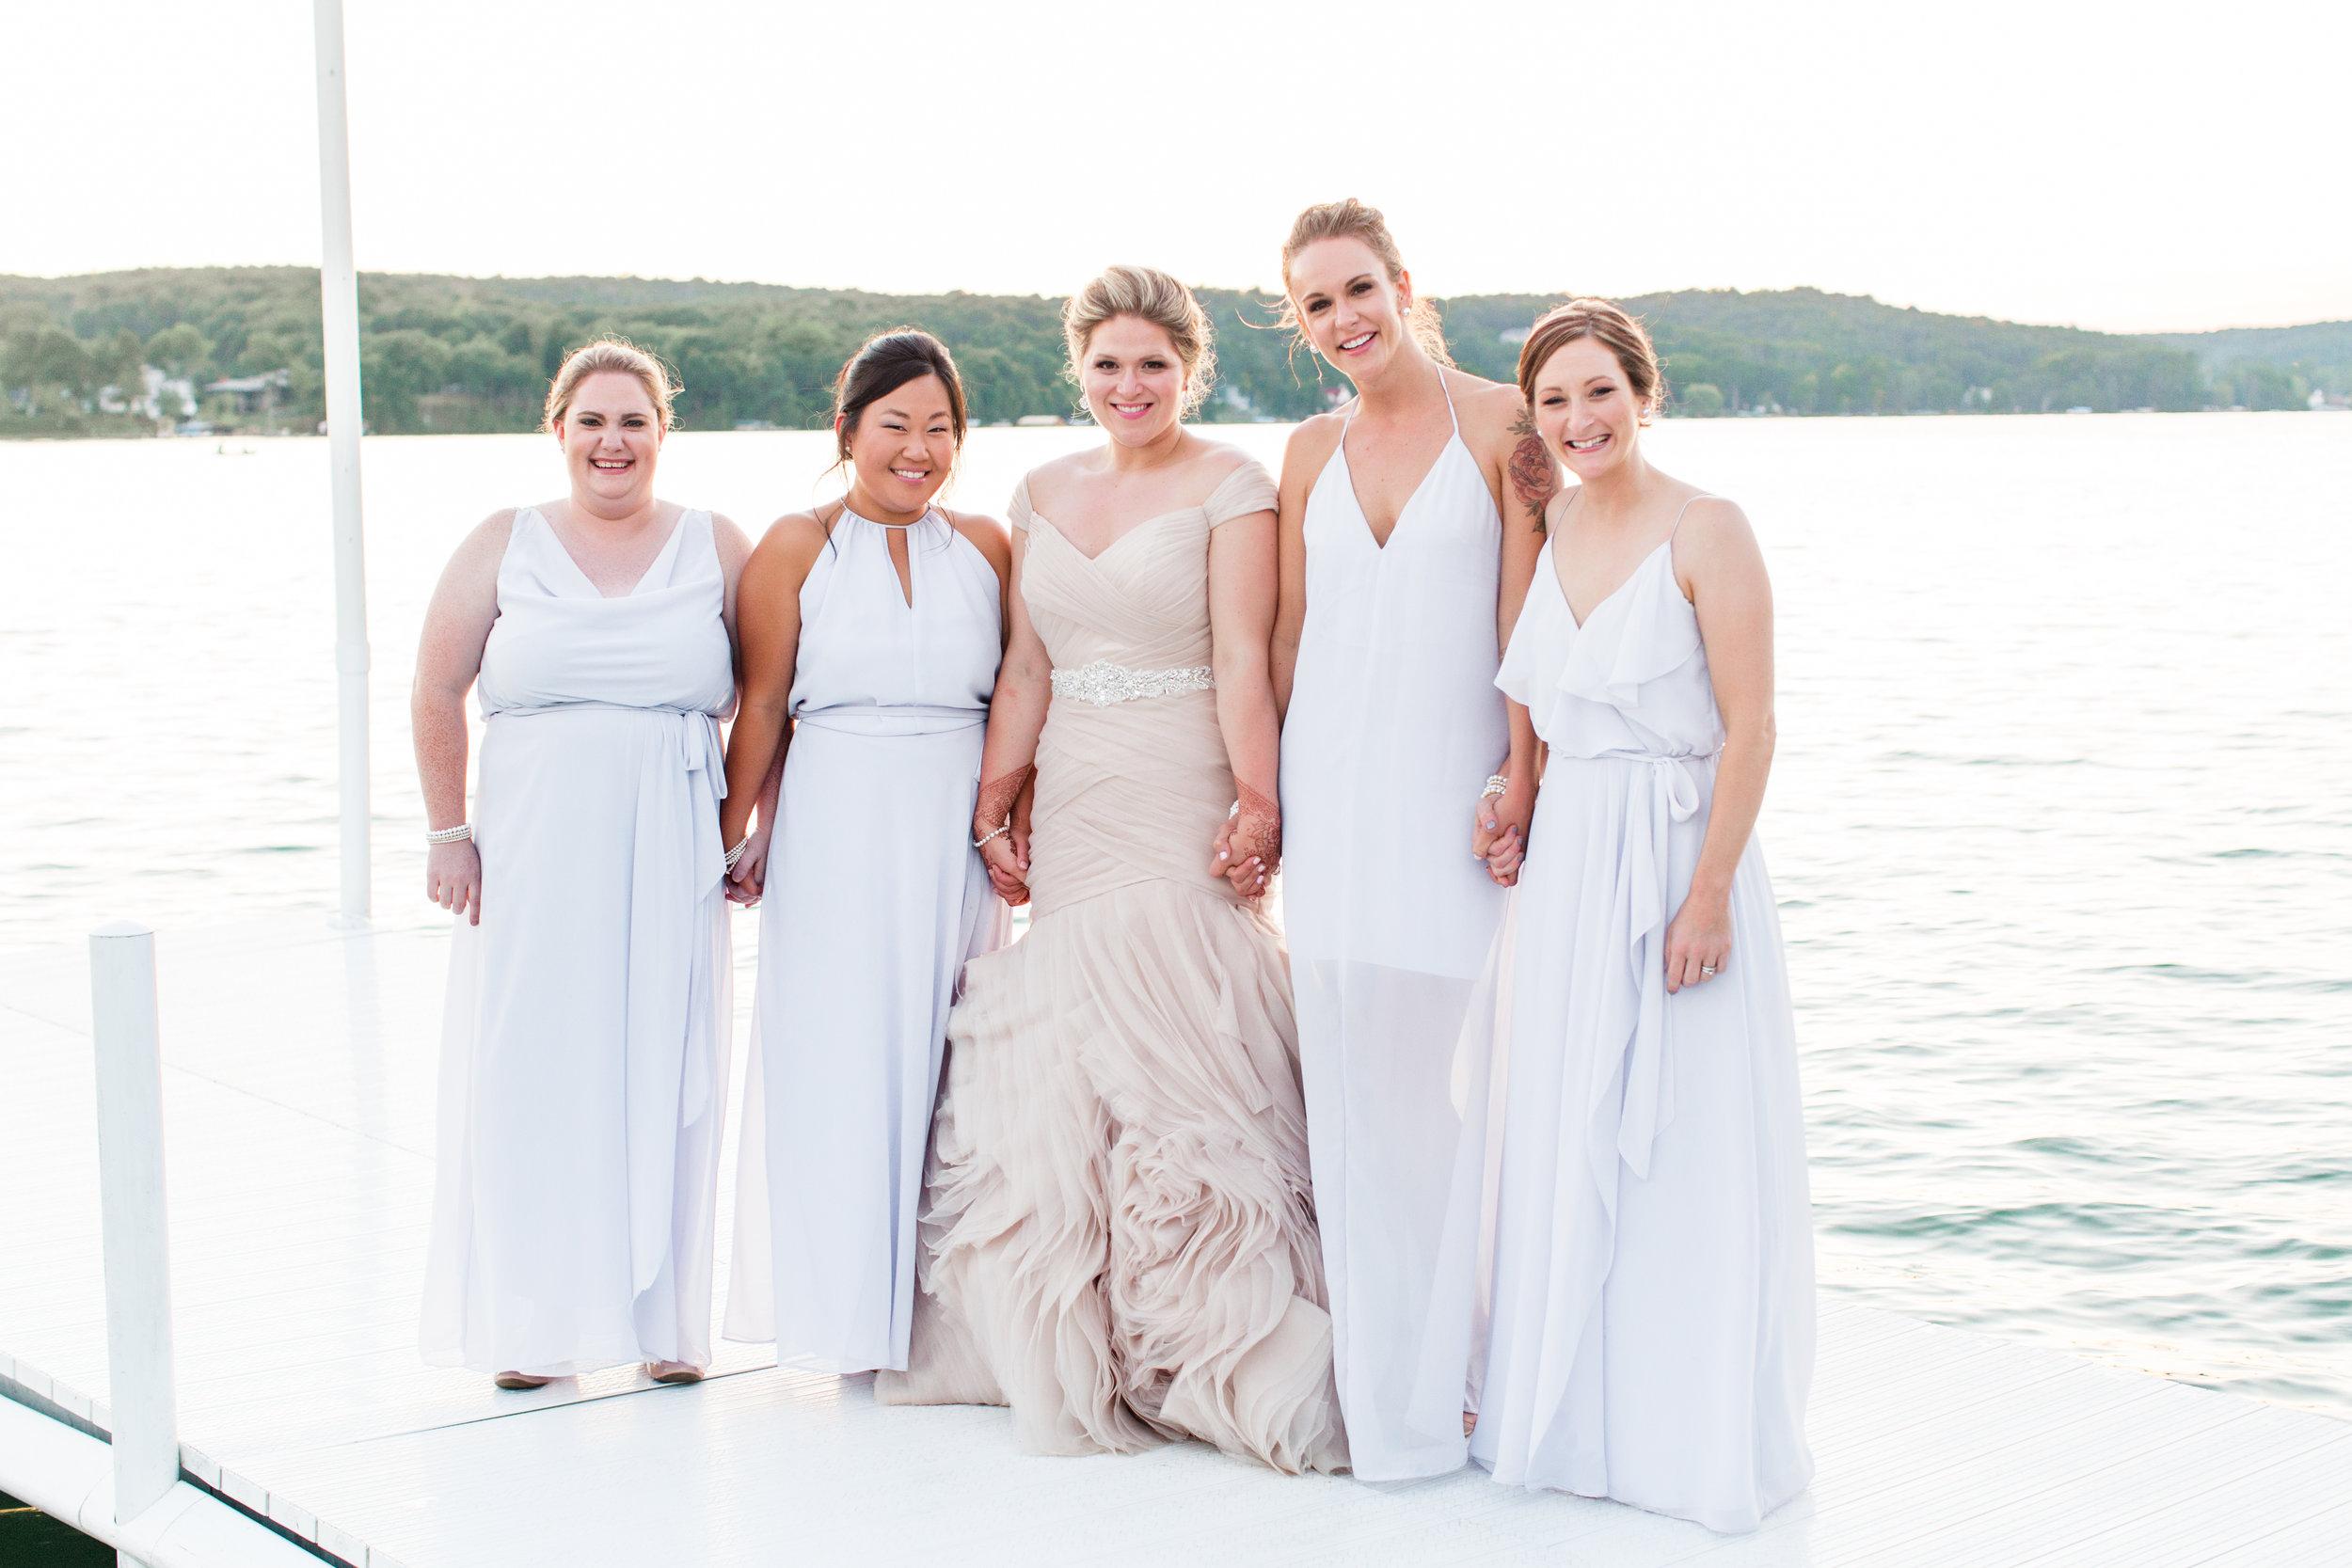 Govathoti+Wedding+Reception+BridalParty-22.jpg